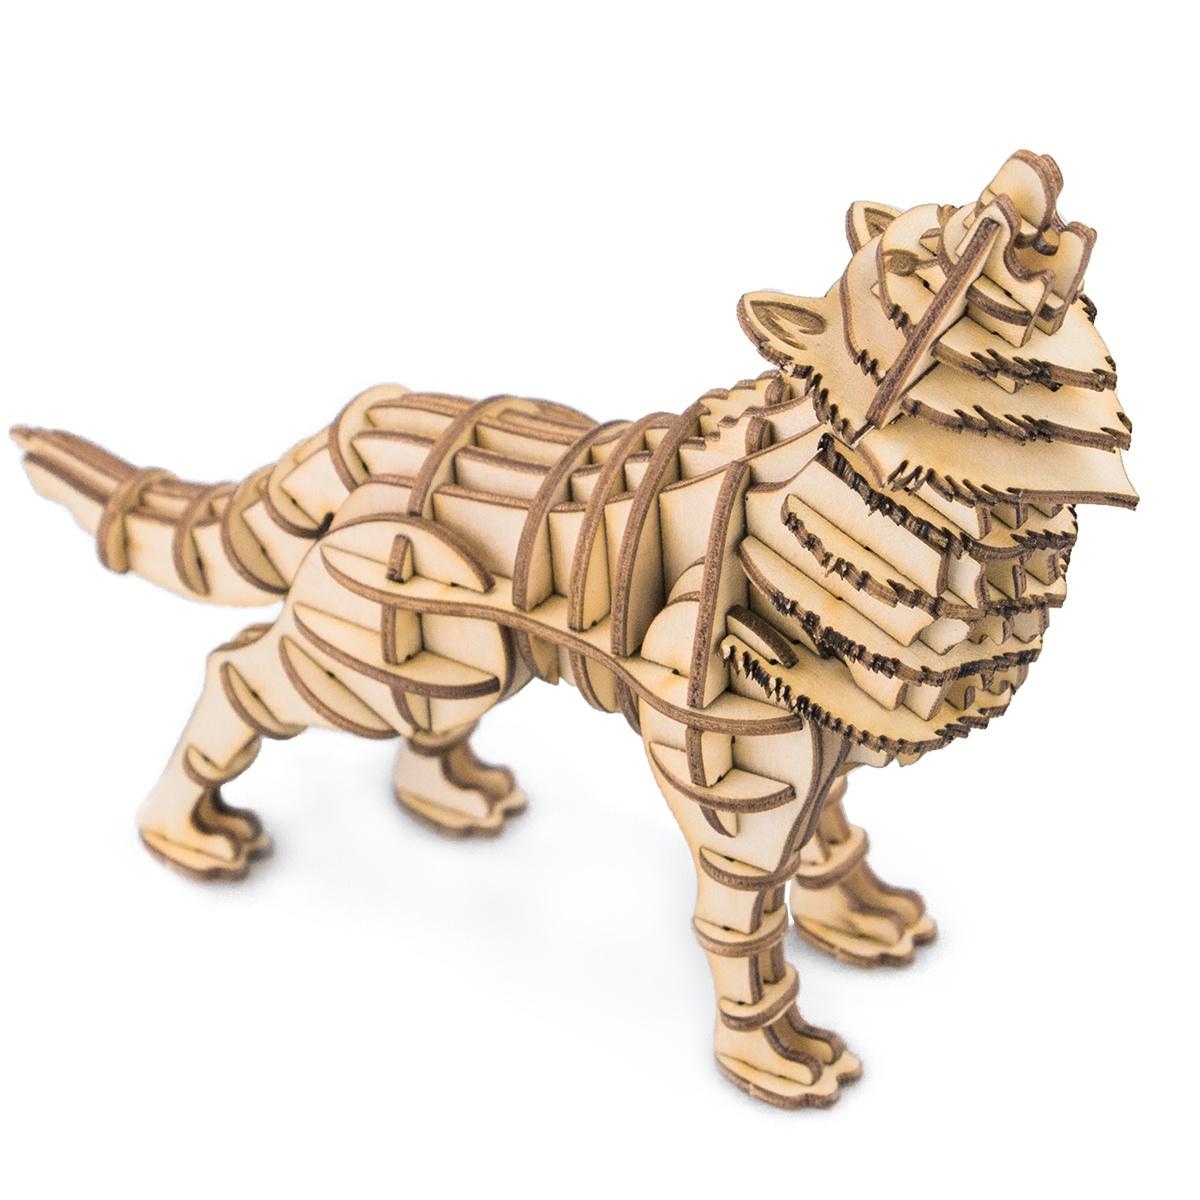 3D Пазл Robotime Деревянные 3D пазлы WolfTG207Деревянные 3D пазлы Robotime - сборный конструктор из дерева, предназначенный для детей, которые обожают мастерить что-то своими руками. Сначала необходимо выдавить детали с листа фанеры, после чего собрать поделку, используя инструкцию. Клей в процессе сборки изделия не понадобится. В результате получится объемная игрушка, которую можно раскрасить красками, а после этого вскрыть лаком (лаки и краски не идут в комплекте, а приобретаются отдельно). Сборка 3D пазла способствует совершенствованию конструкторских навыков, мелкой моторики и тактильных навыков, развитию усидчивости, внимания, логического и образного мышления. В комплекте: листы фанеры с деталями: 2 шт., инструкция.